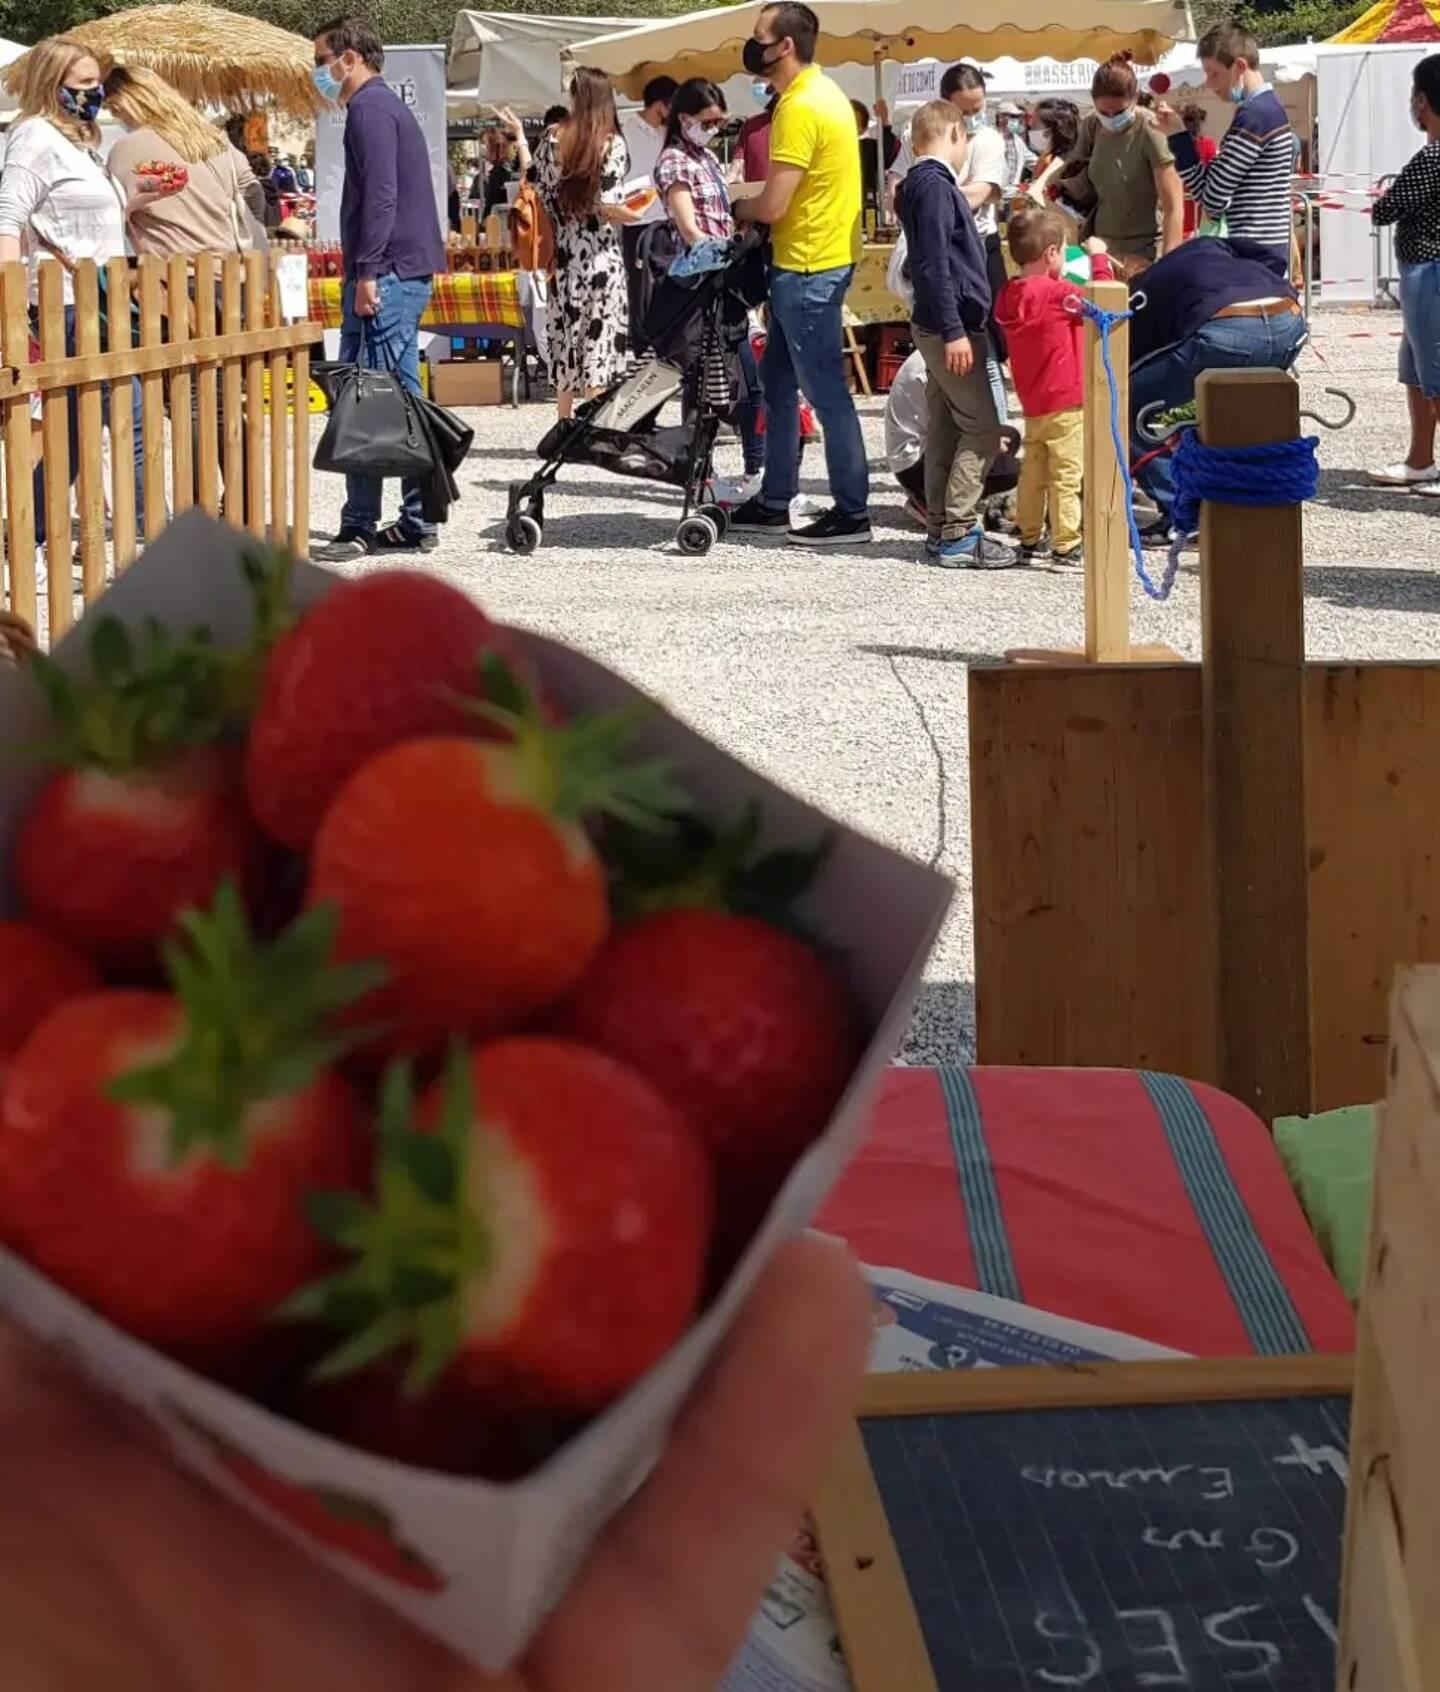 Le marché de la fraise rencontre un grand succès ce samedi.